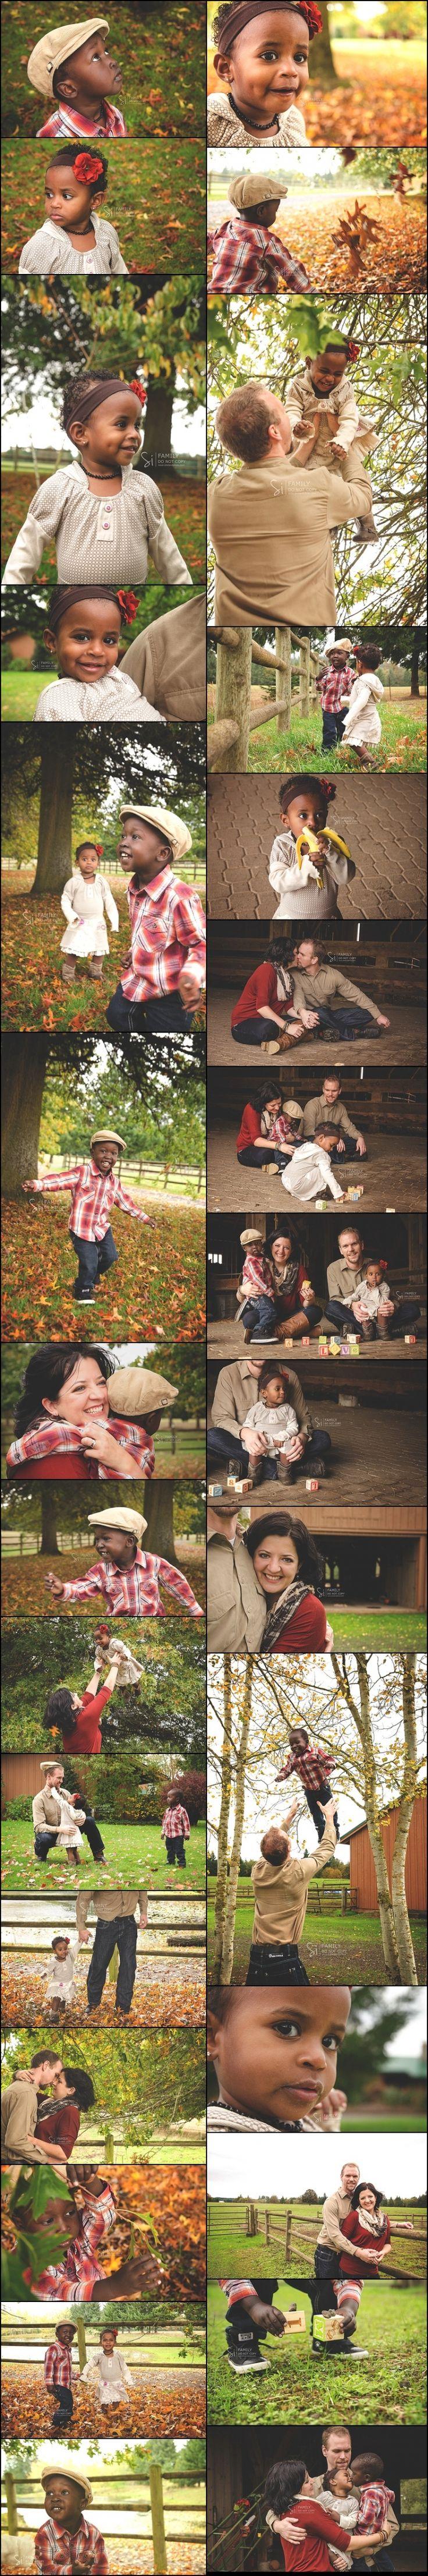 Samantha Ireland Photography Oregon, family, photography, portrait, lifestyle, outdoor